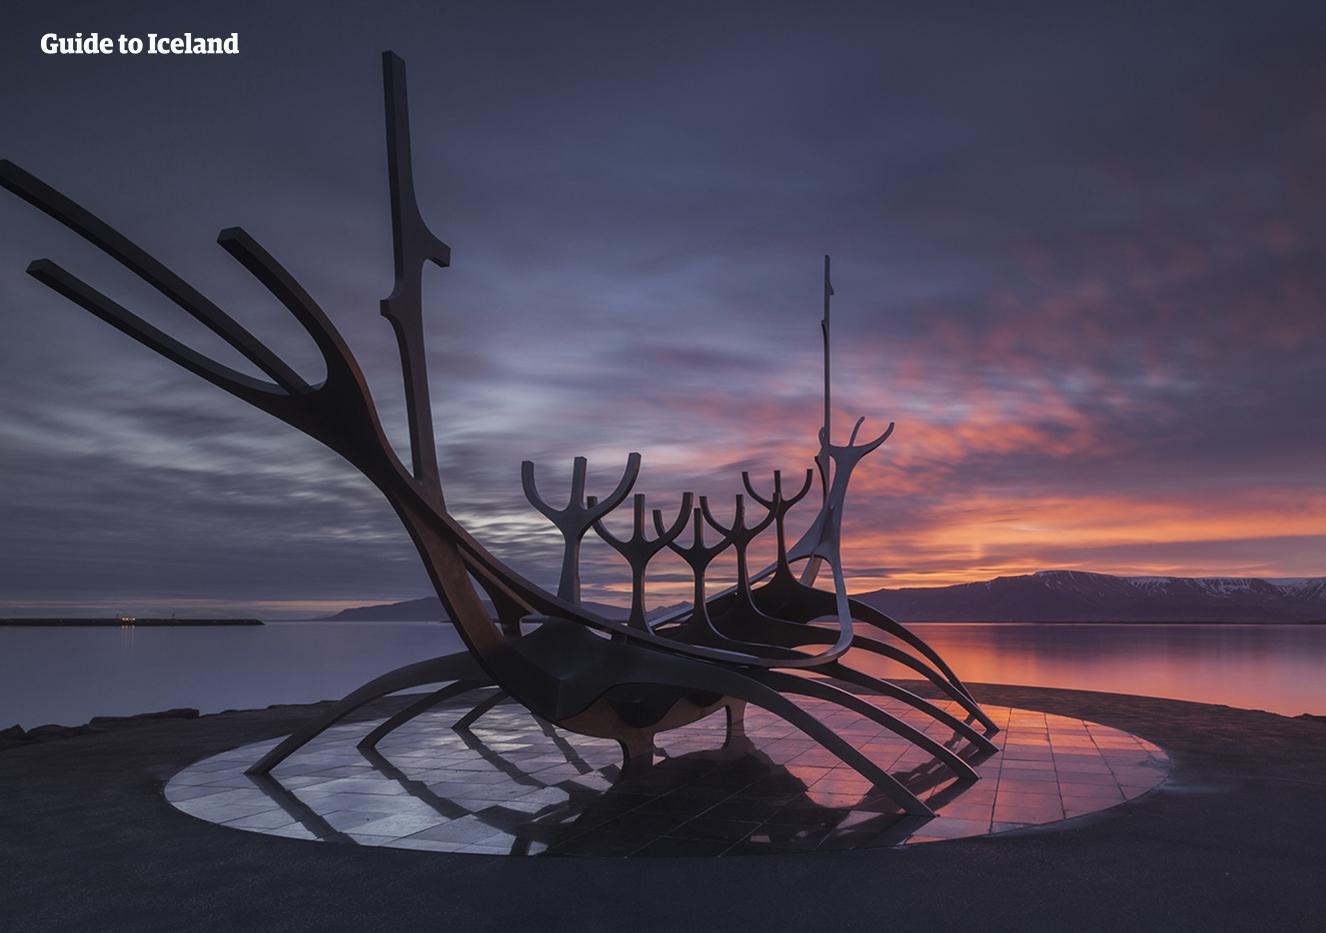 午夜阳光下的雷克雅未克与Esja山隔海而望。